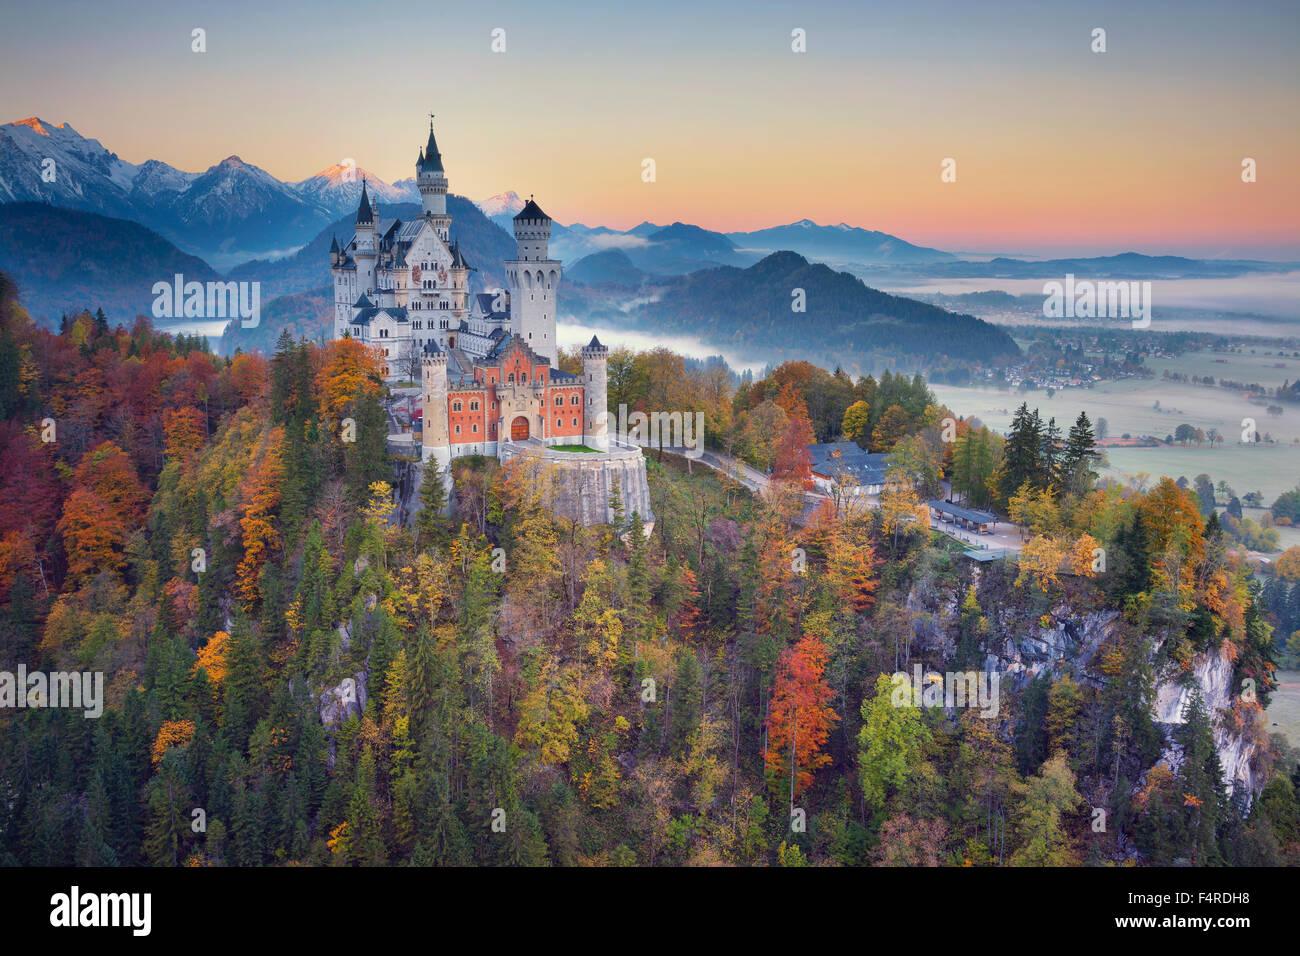 Neuschwanstein Castle, Germany.  View of Neuschwanstein Castle during autumn twilight. - Stock Image